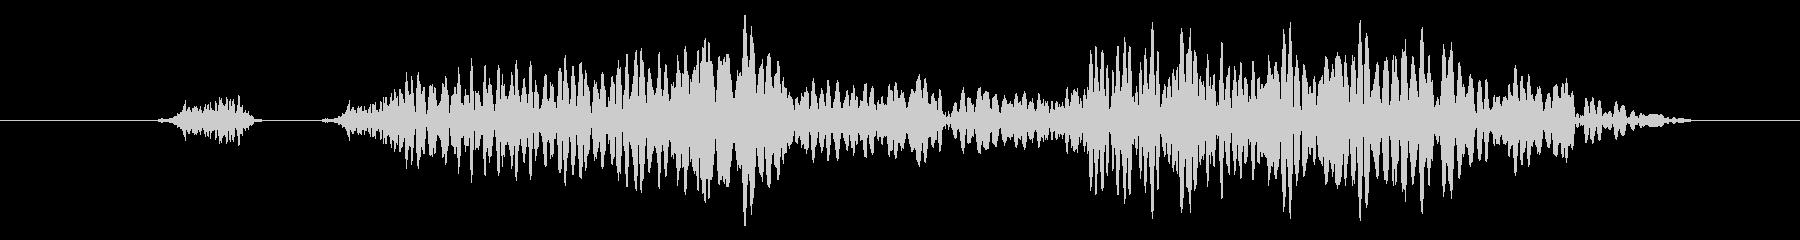 可愛いキャンセル/戻る/選択不可の効果音の未再生の波形